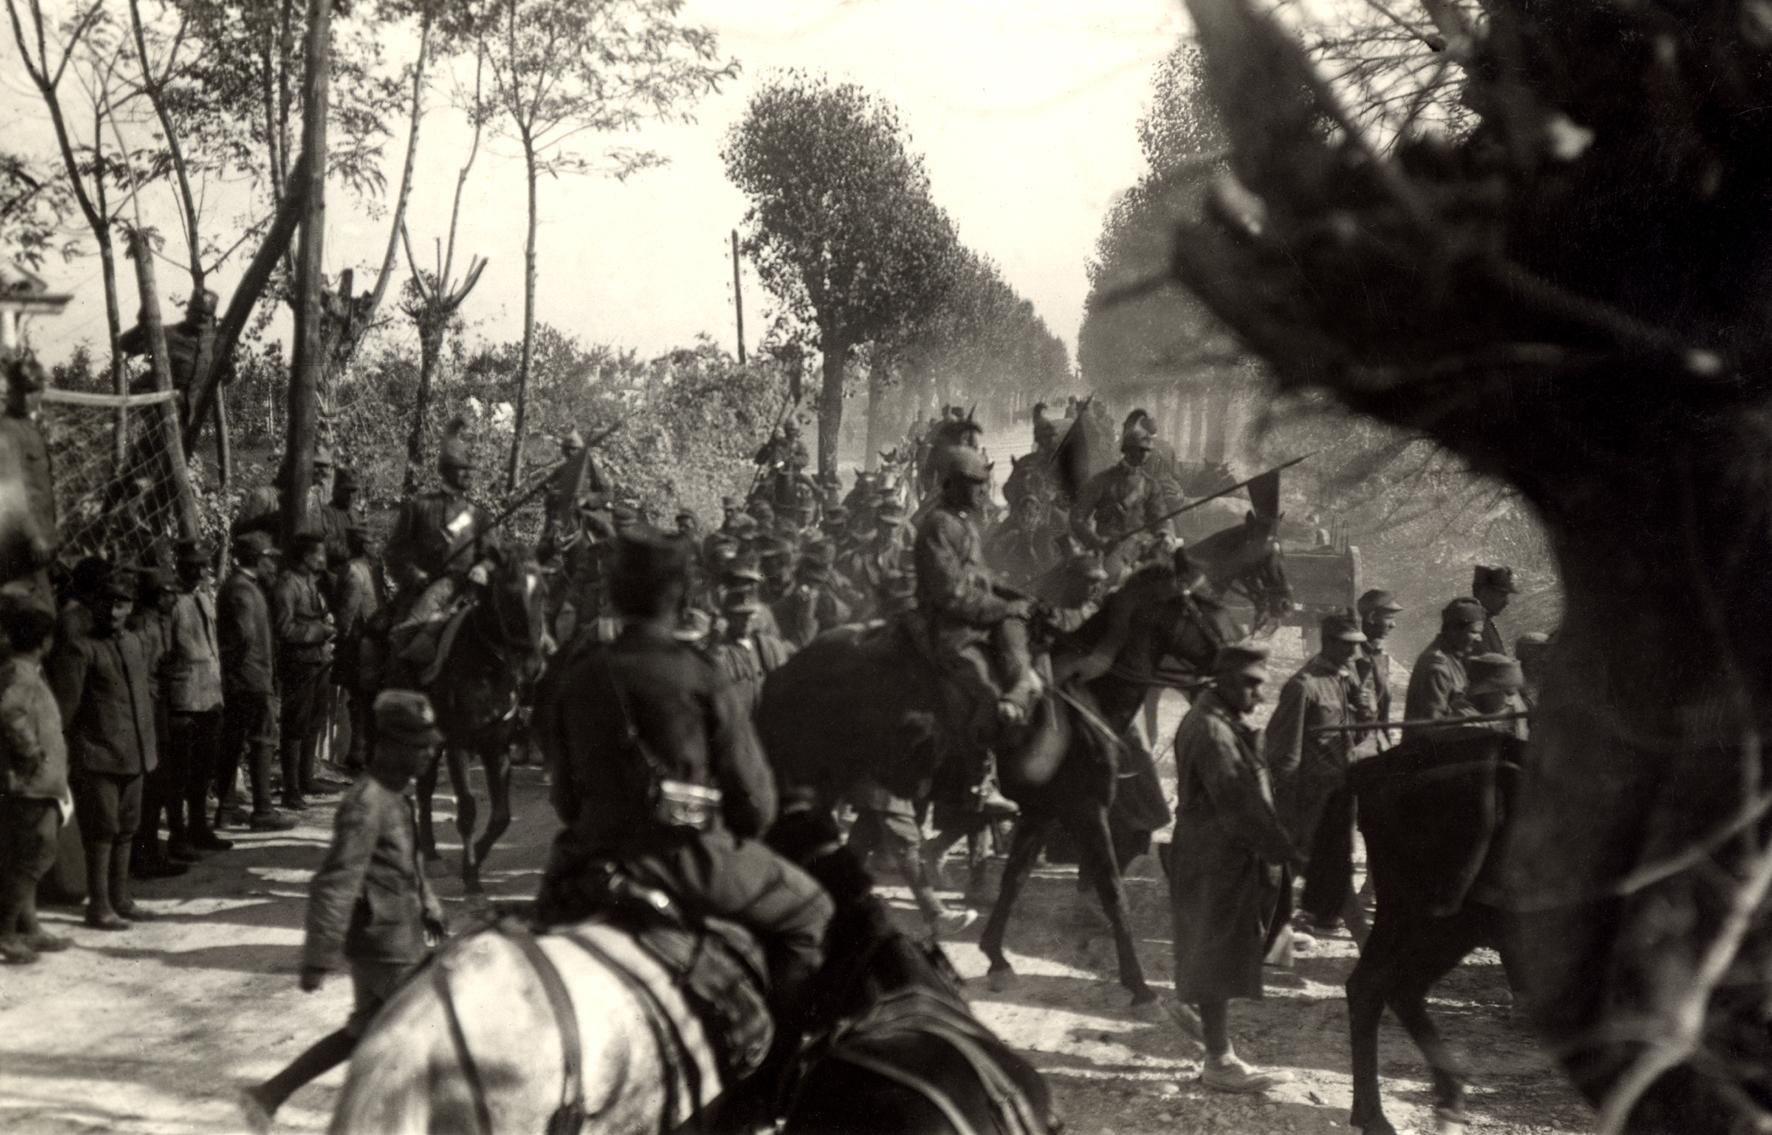 07 - Cavalleggeri del Piemonte Reale.JPG